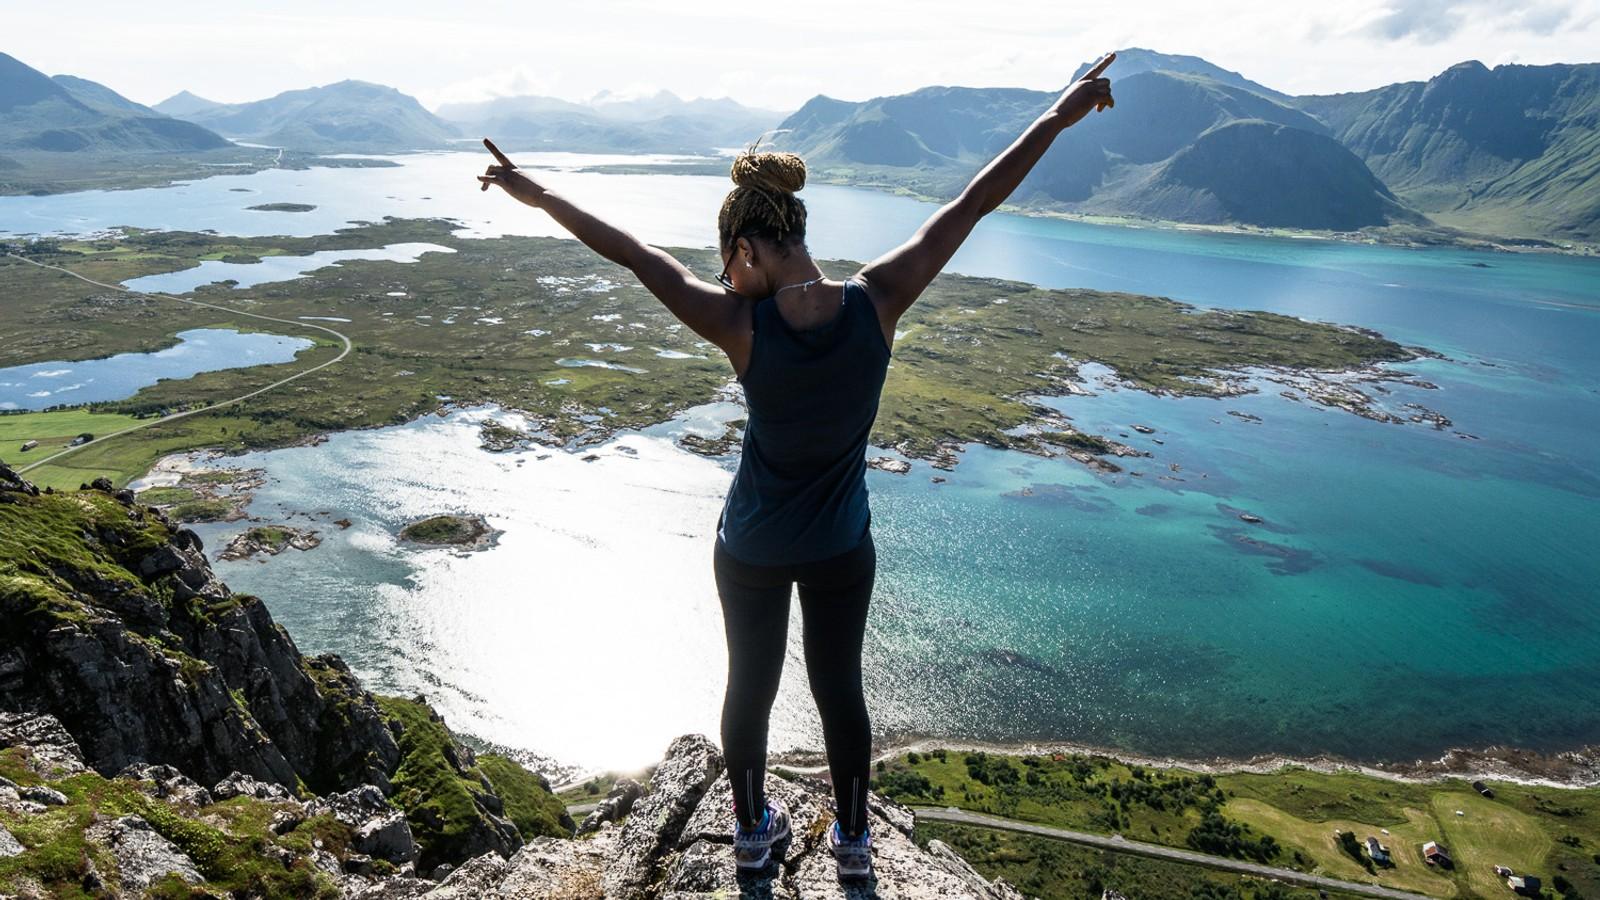 Undersøkelser gjort av professor Mari Sundli Tveit viser at tilstedeværelse av vann og mulighet til å orientere seg i landskapet oppfattes som positivt.